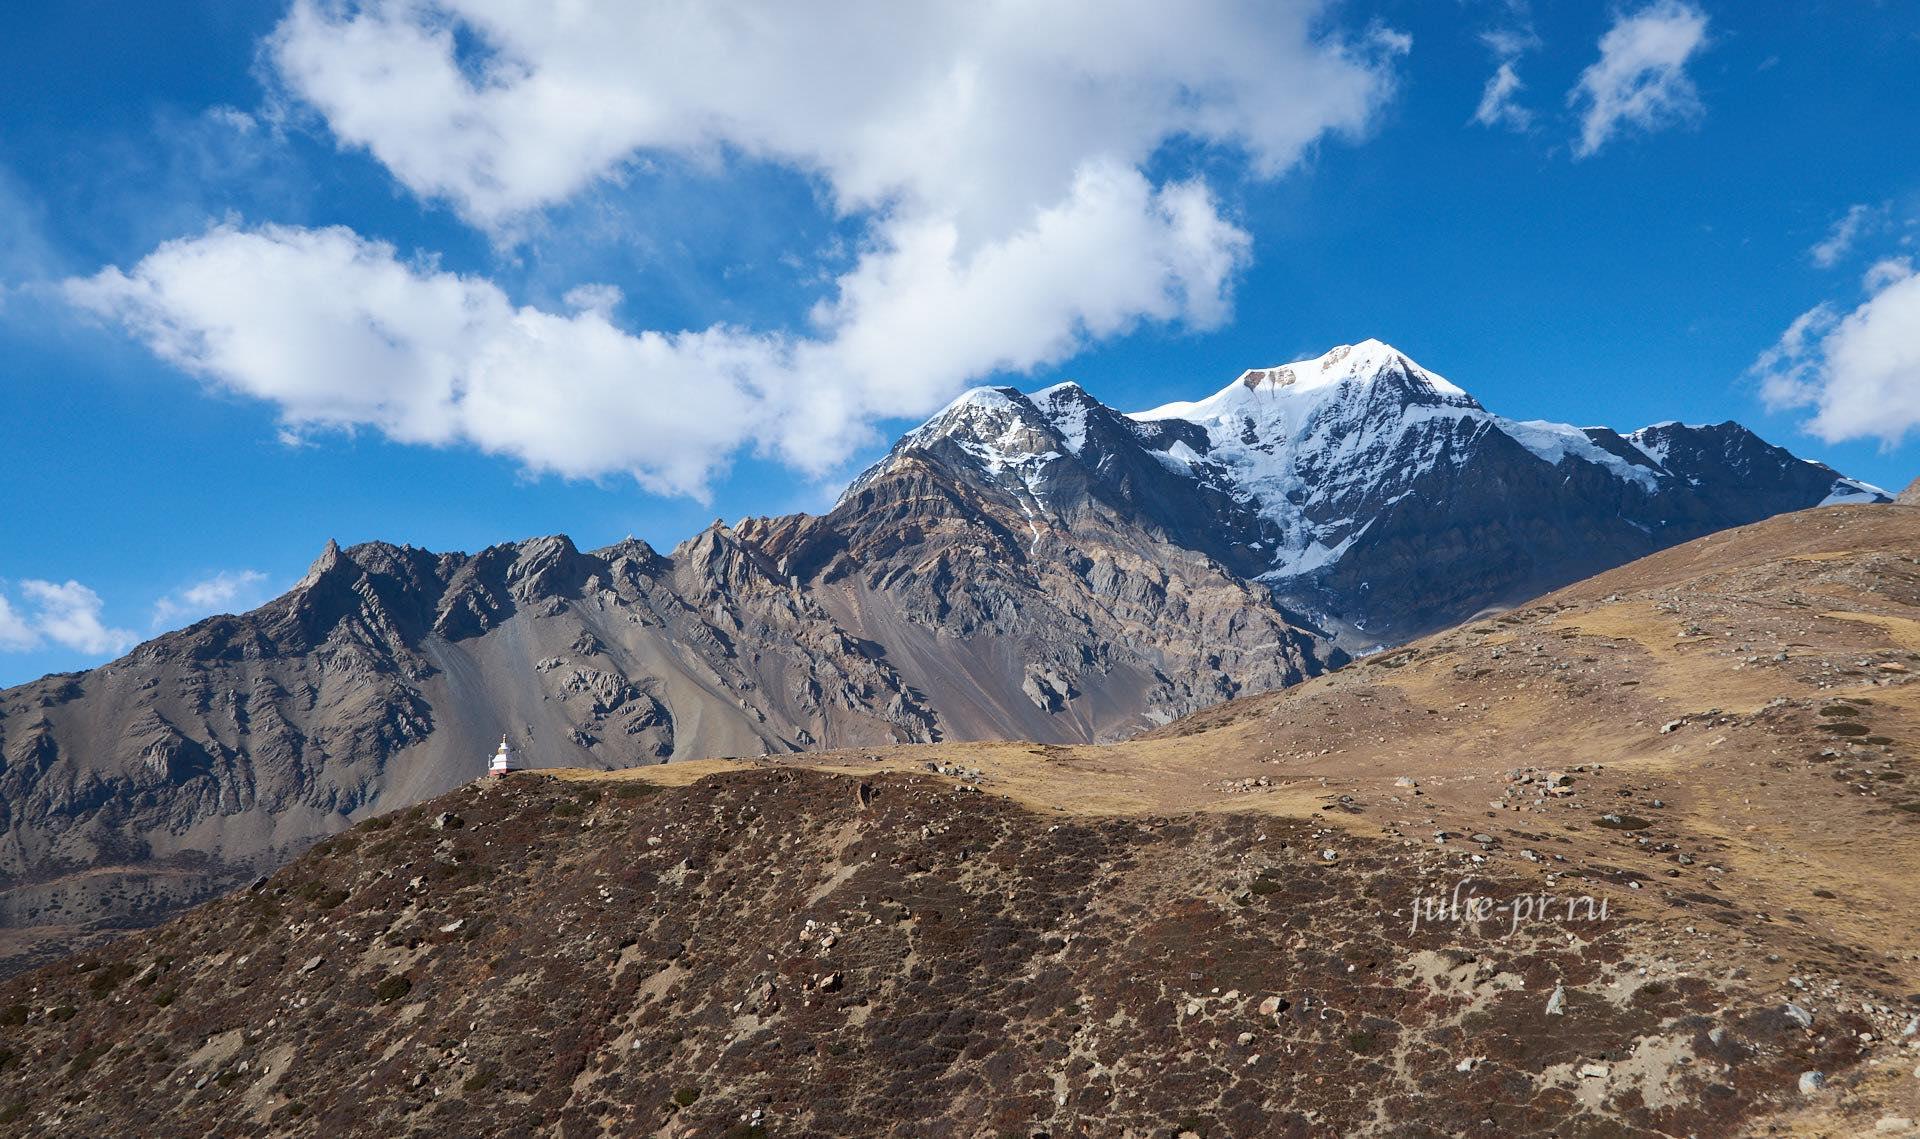 Непал, Трек вокруг Аннапурны, Гора Чулу